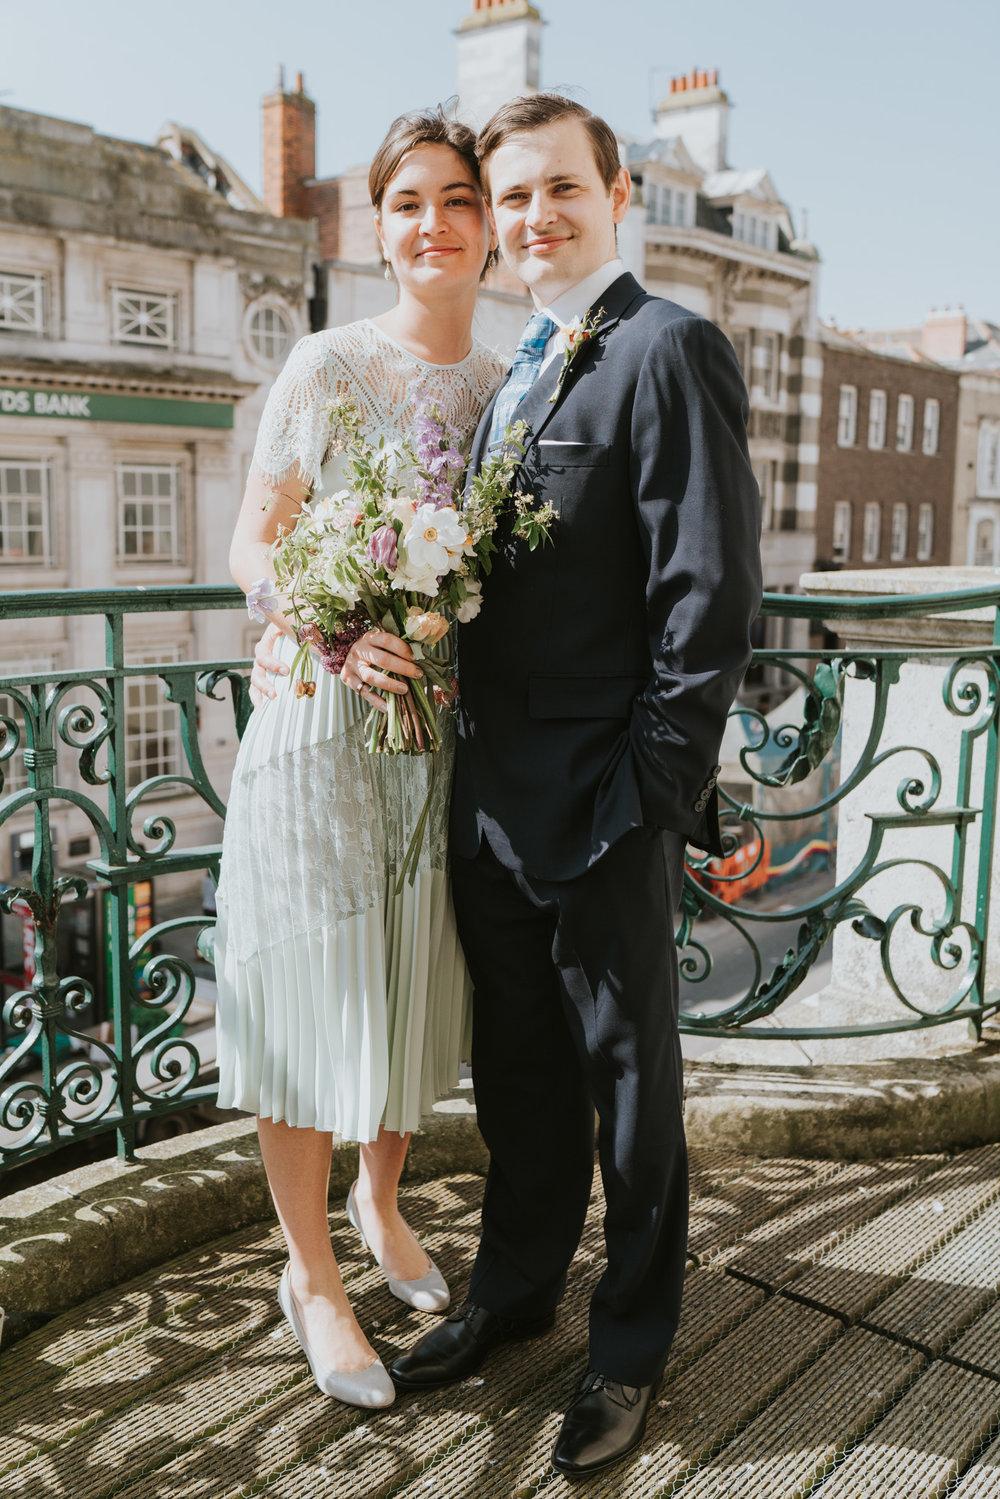 Will-Rhiannon-Art-Deco-Alterative-Essex-Wedding-Suffolk-Grace-Elizabeth-44.jpg